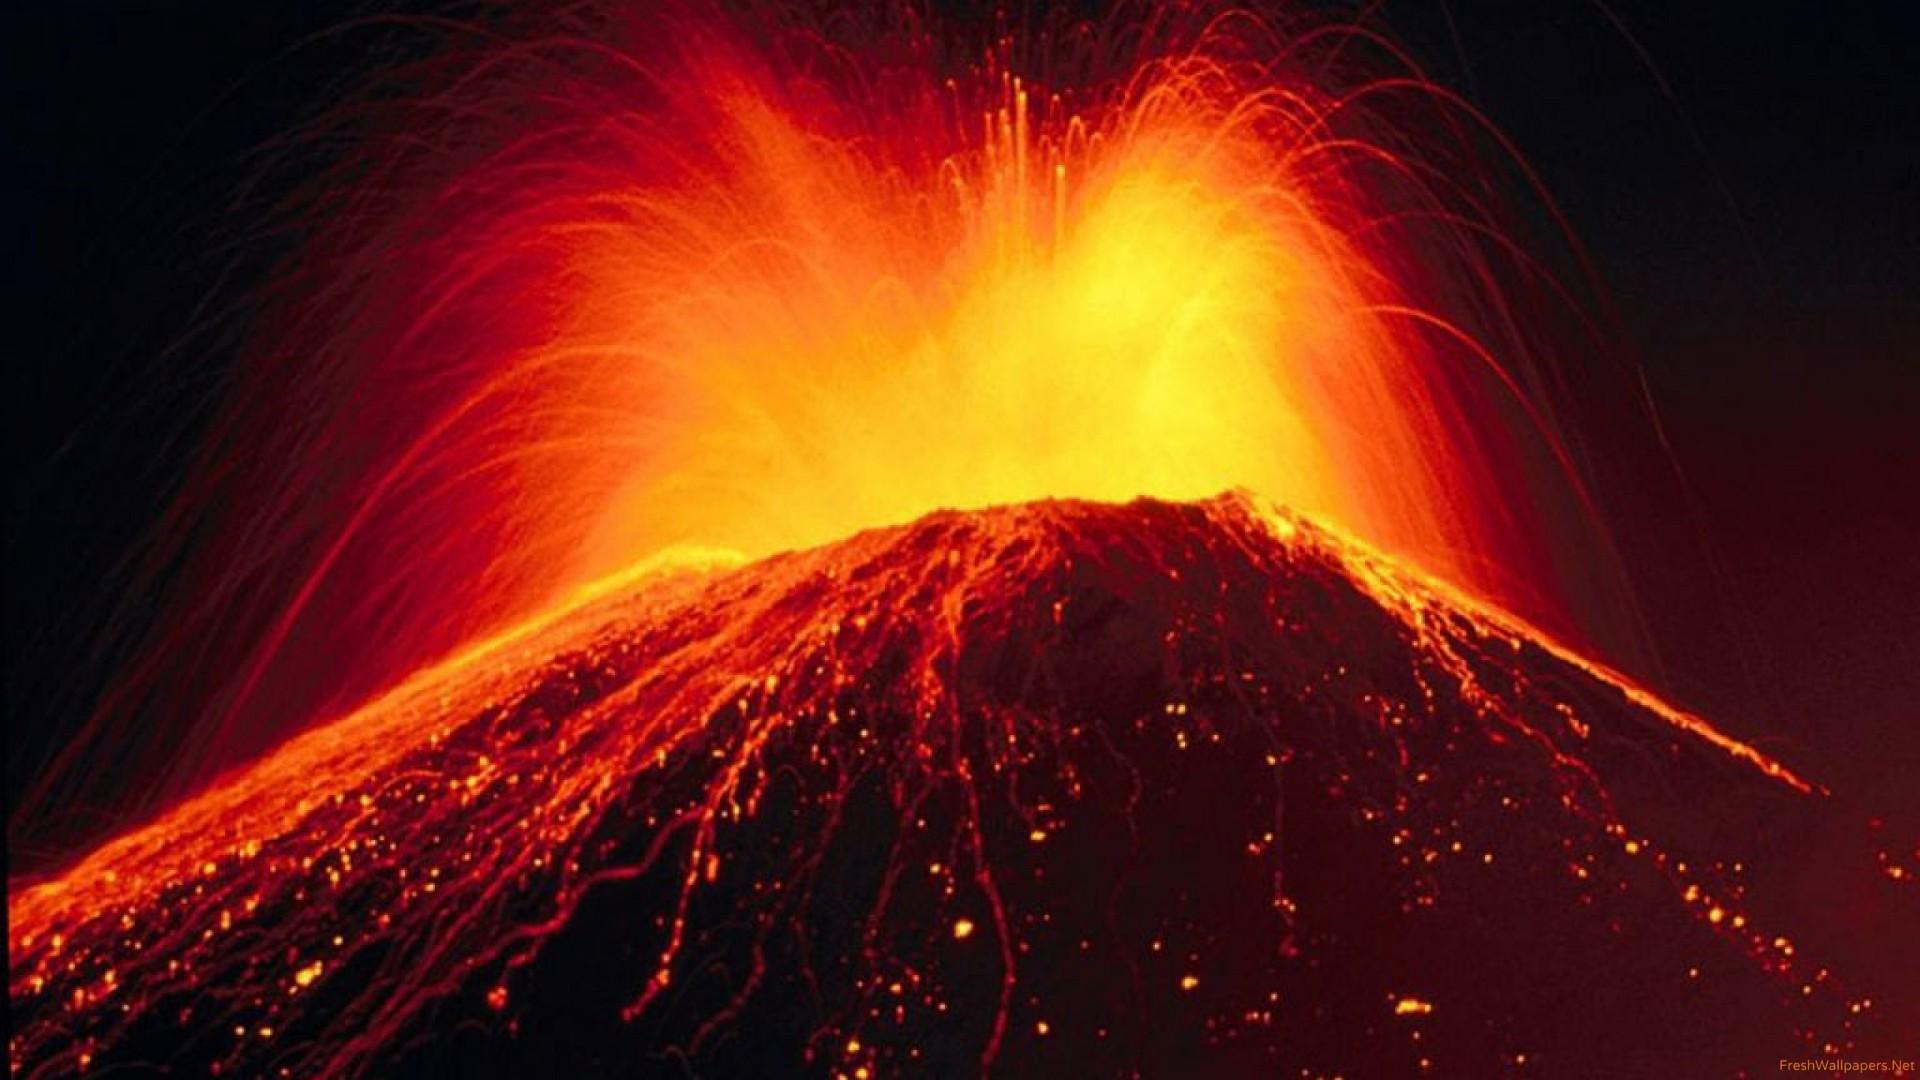 Volcano Wallpaper 12   1920 X 1080 stmednet 1920x1080